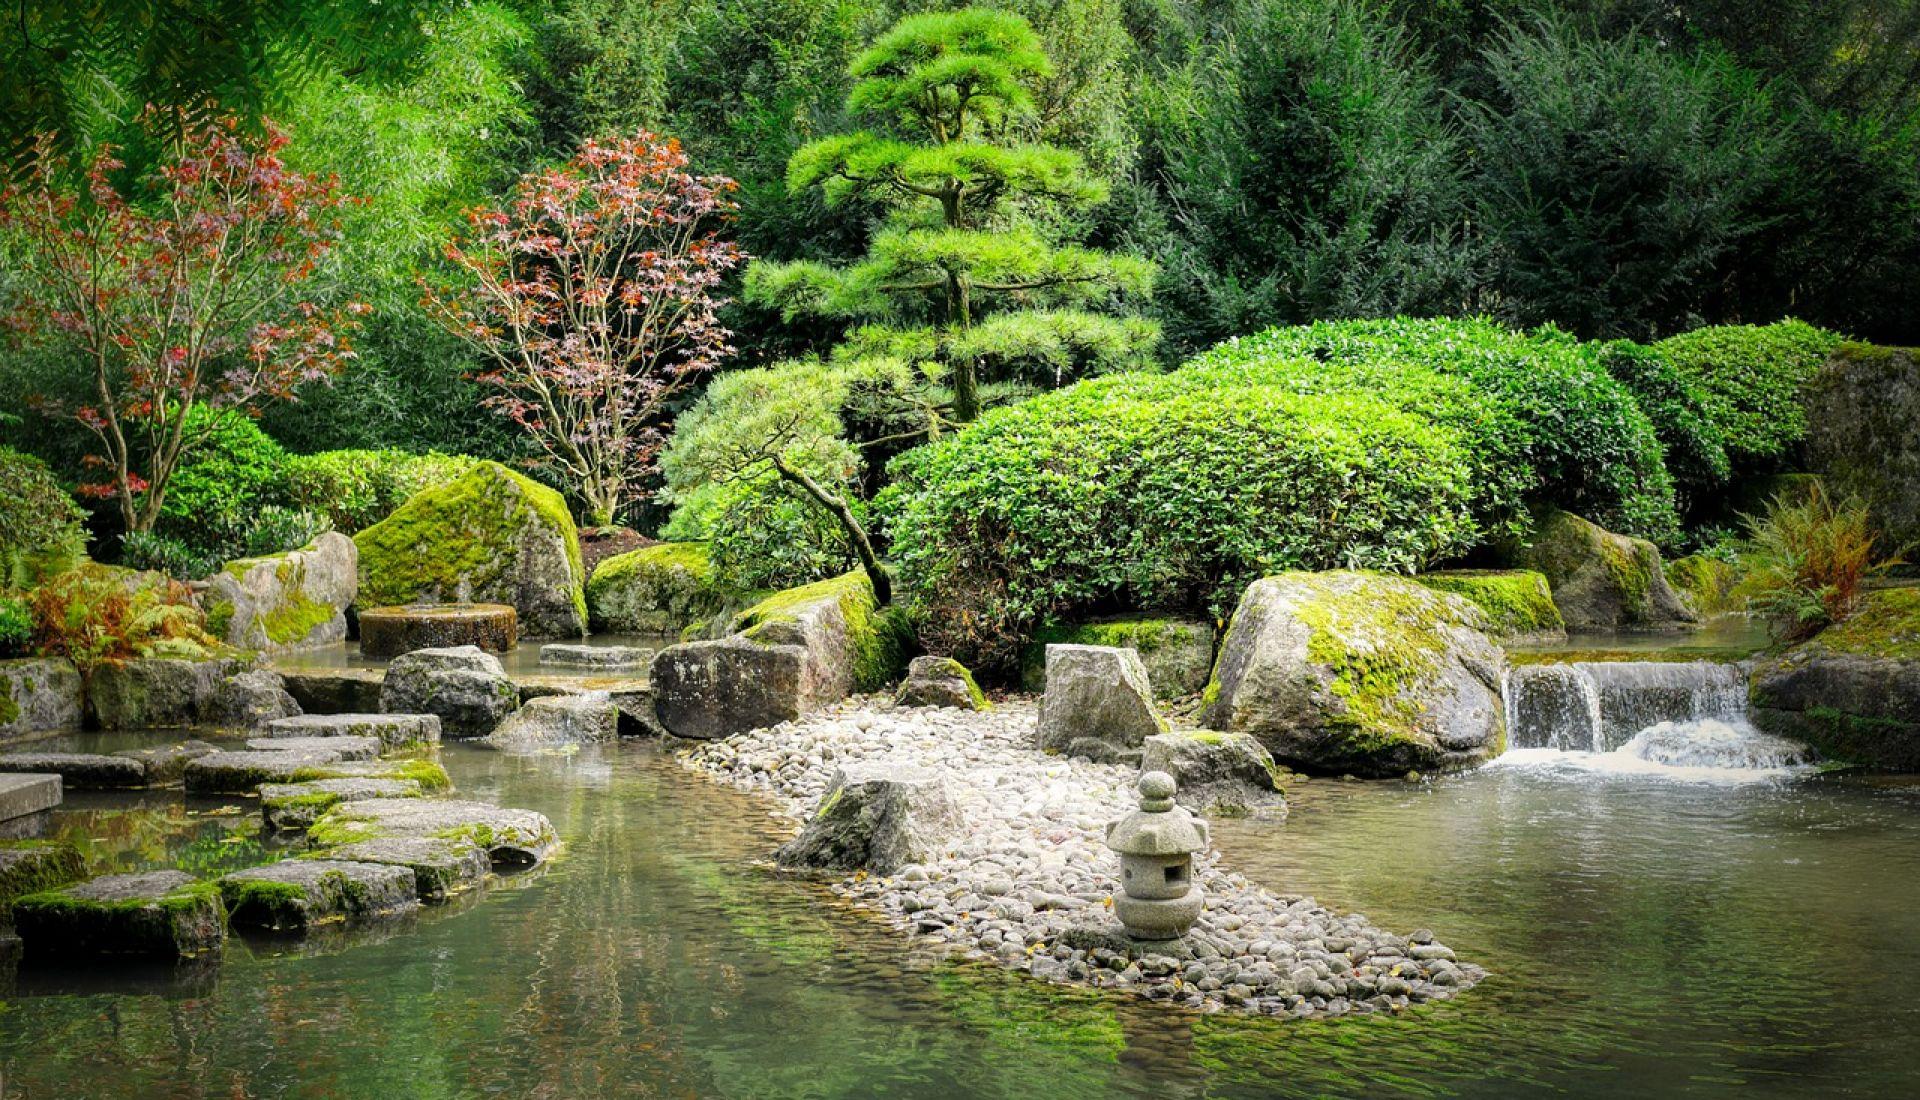 Jardins extraordinaires : Jardin des sables et Jardin Zen